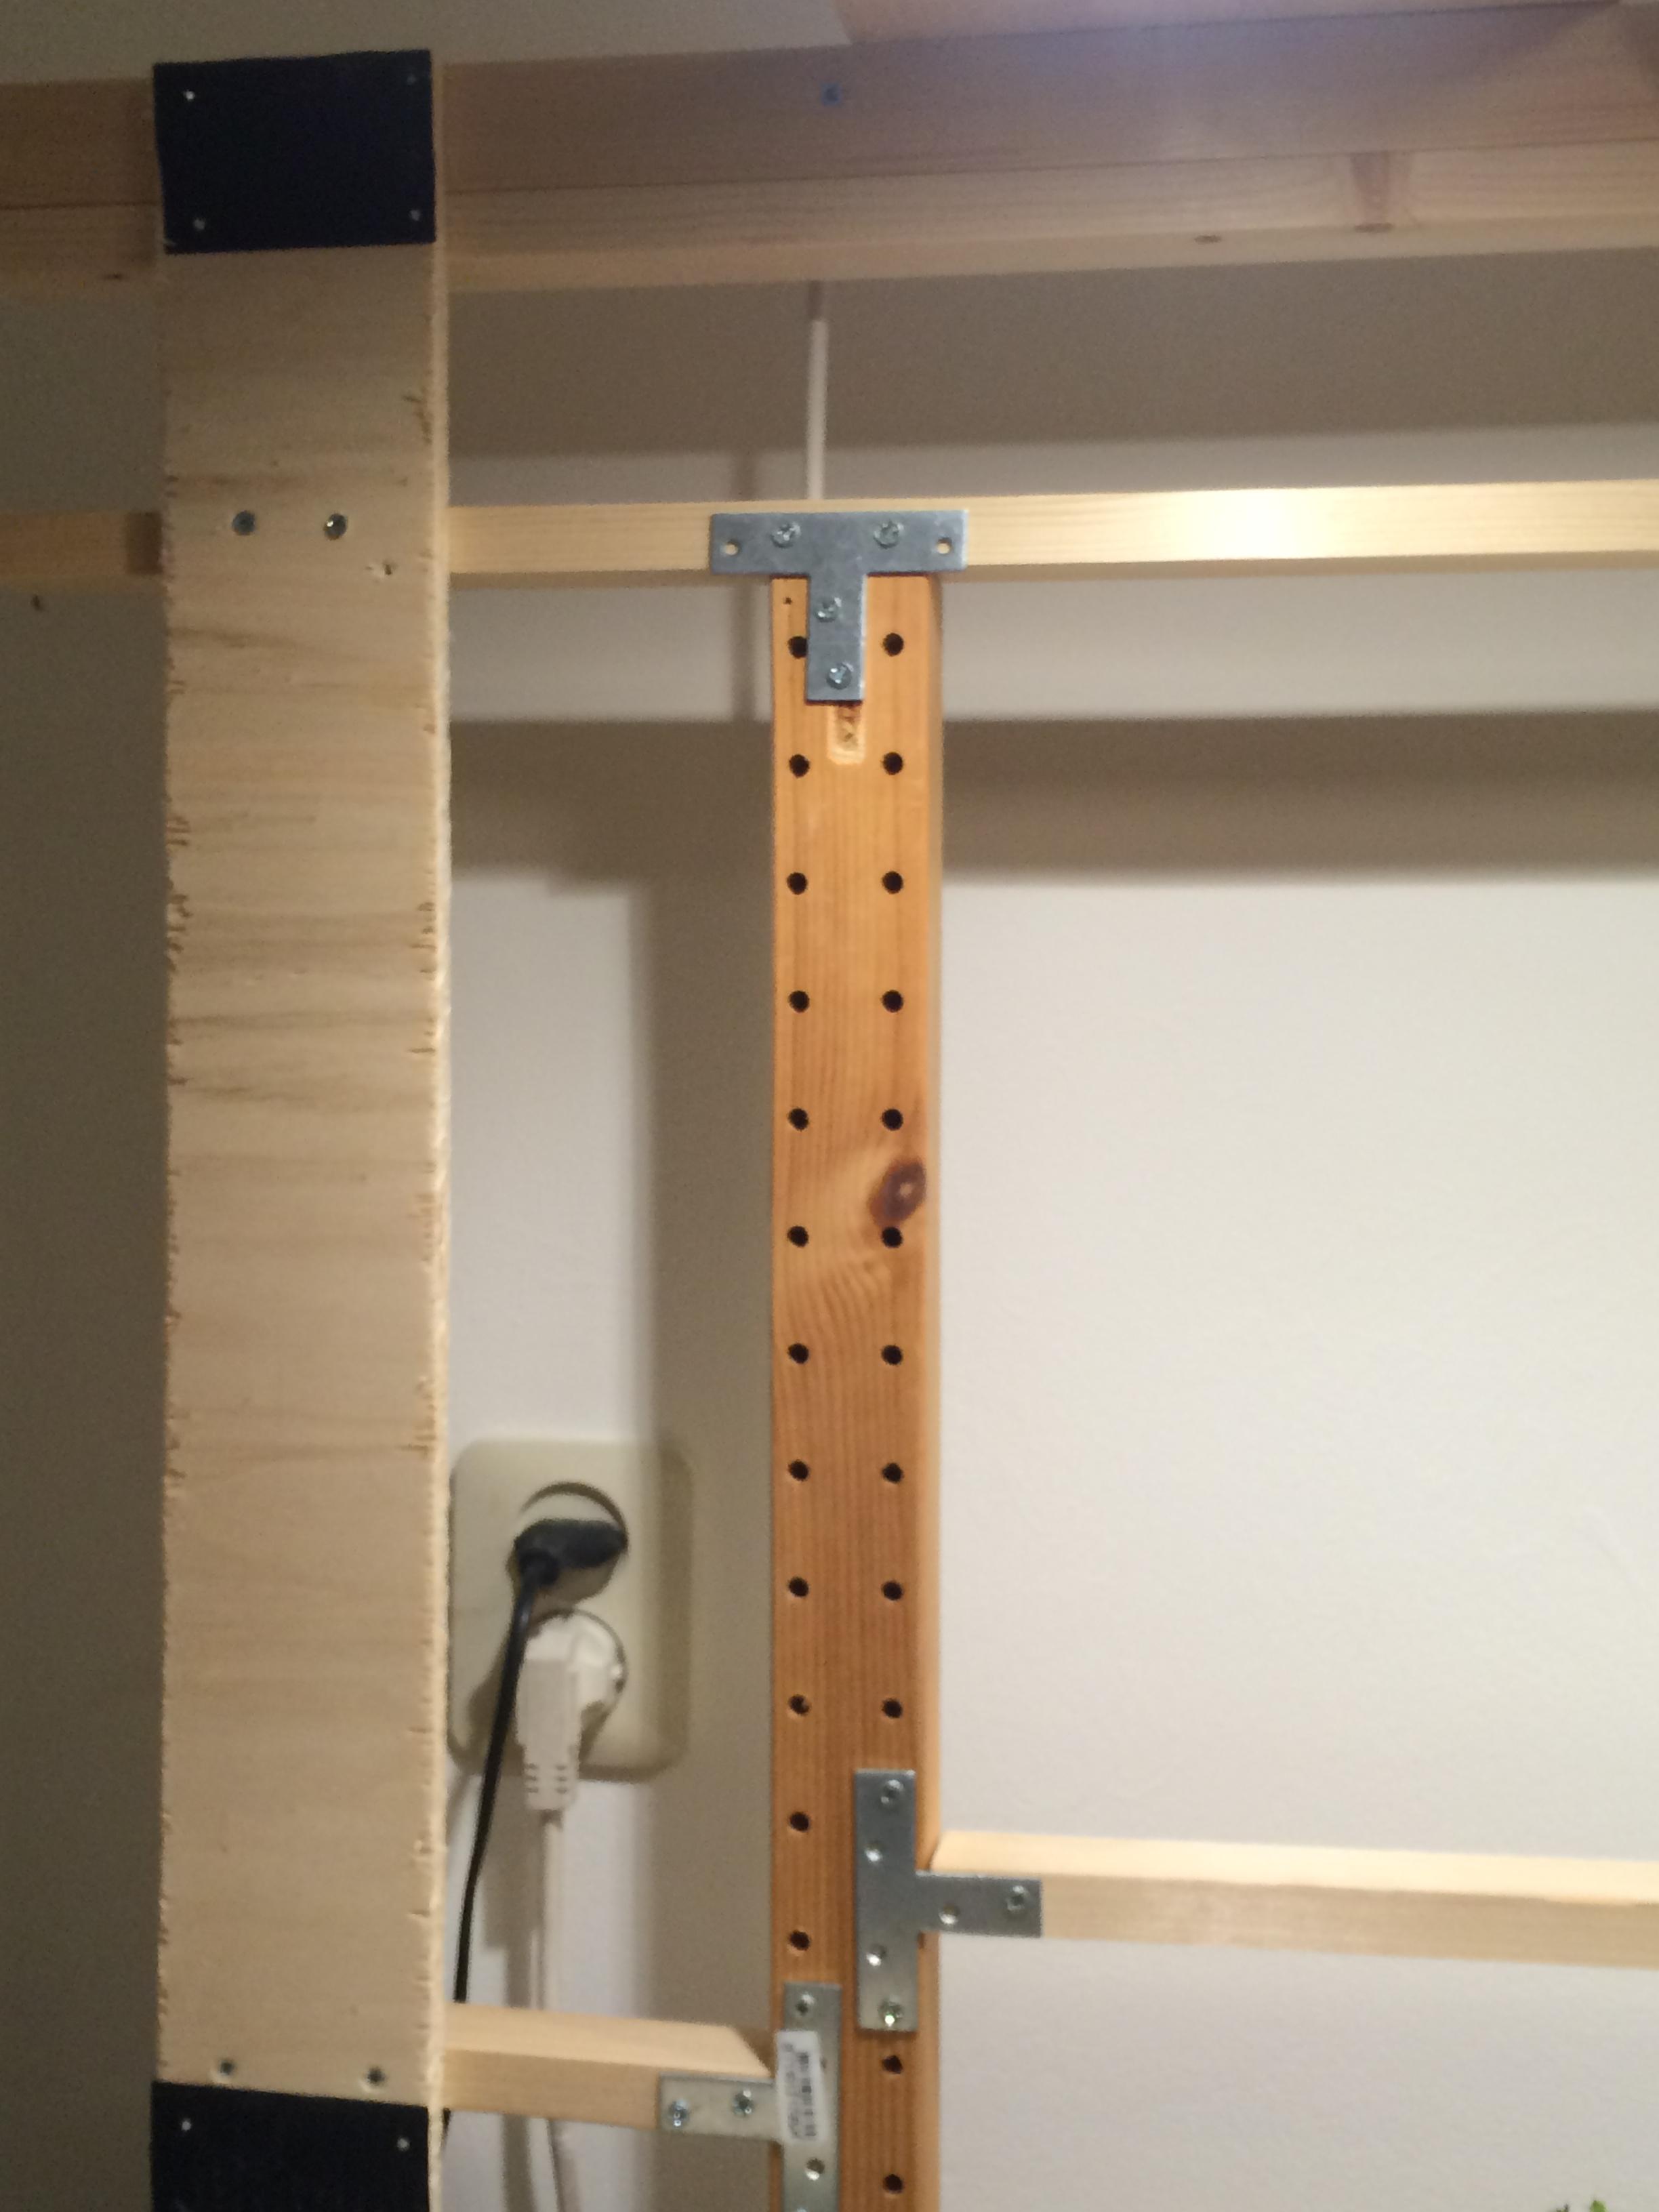 IKEA Ivar schraag. Daaraan bevestigd de lijst met Velcro (klitteband) om de schilderij-lijsten mee te bevestigen.